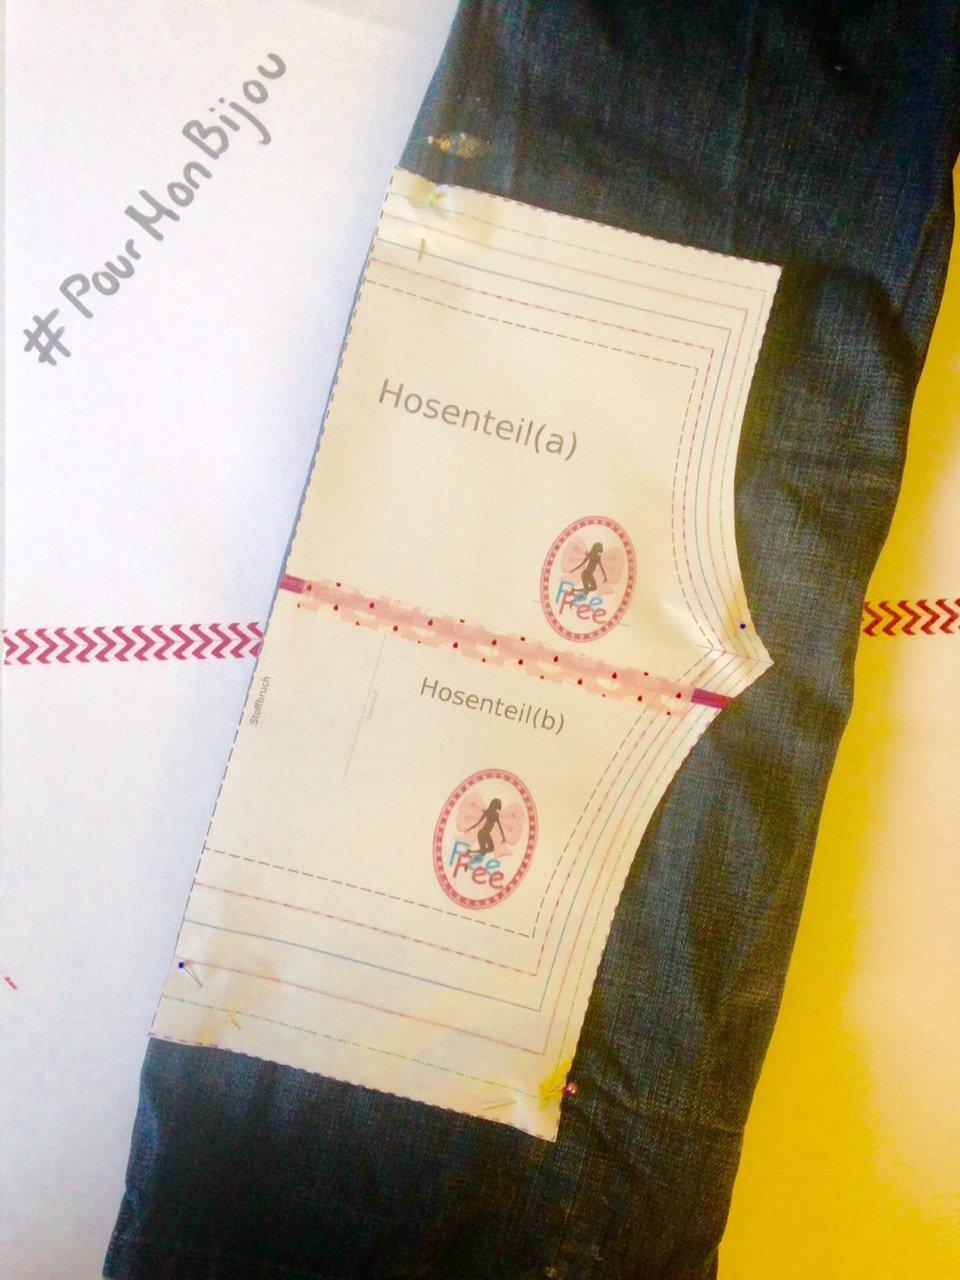 Schnittmuster von FeeFee: perfekt für Hosen-Upcycling